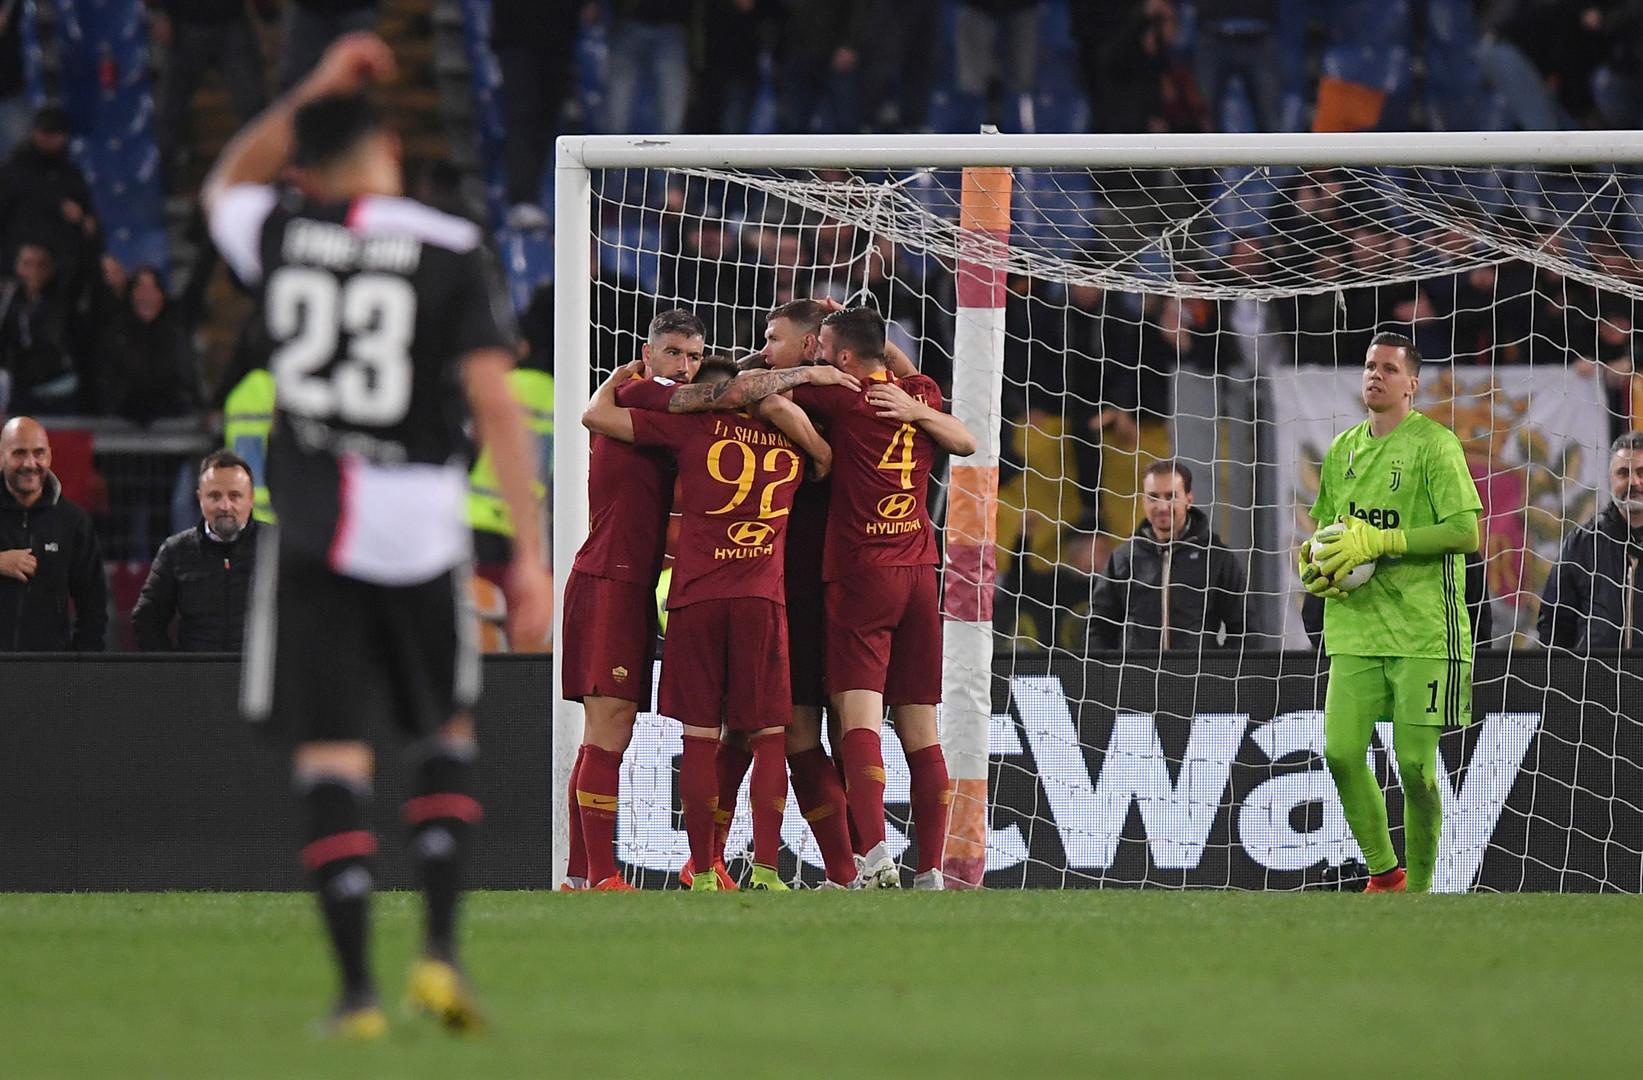 روما يسقط يوفنتوس ويخطف المركز الخامس